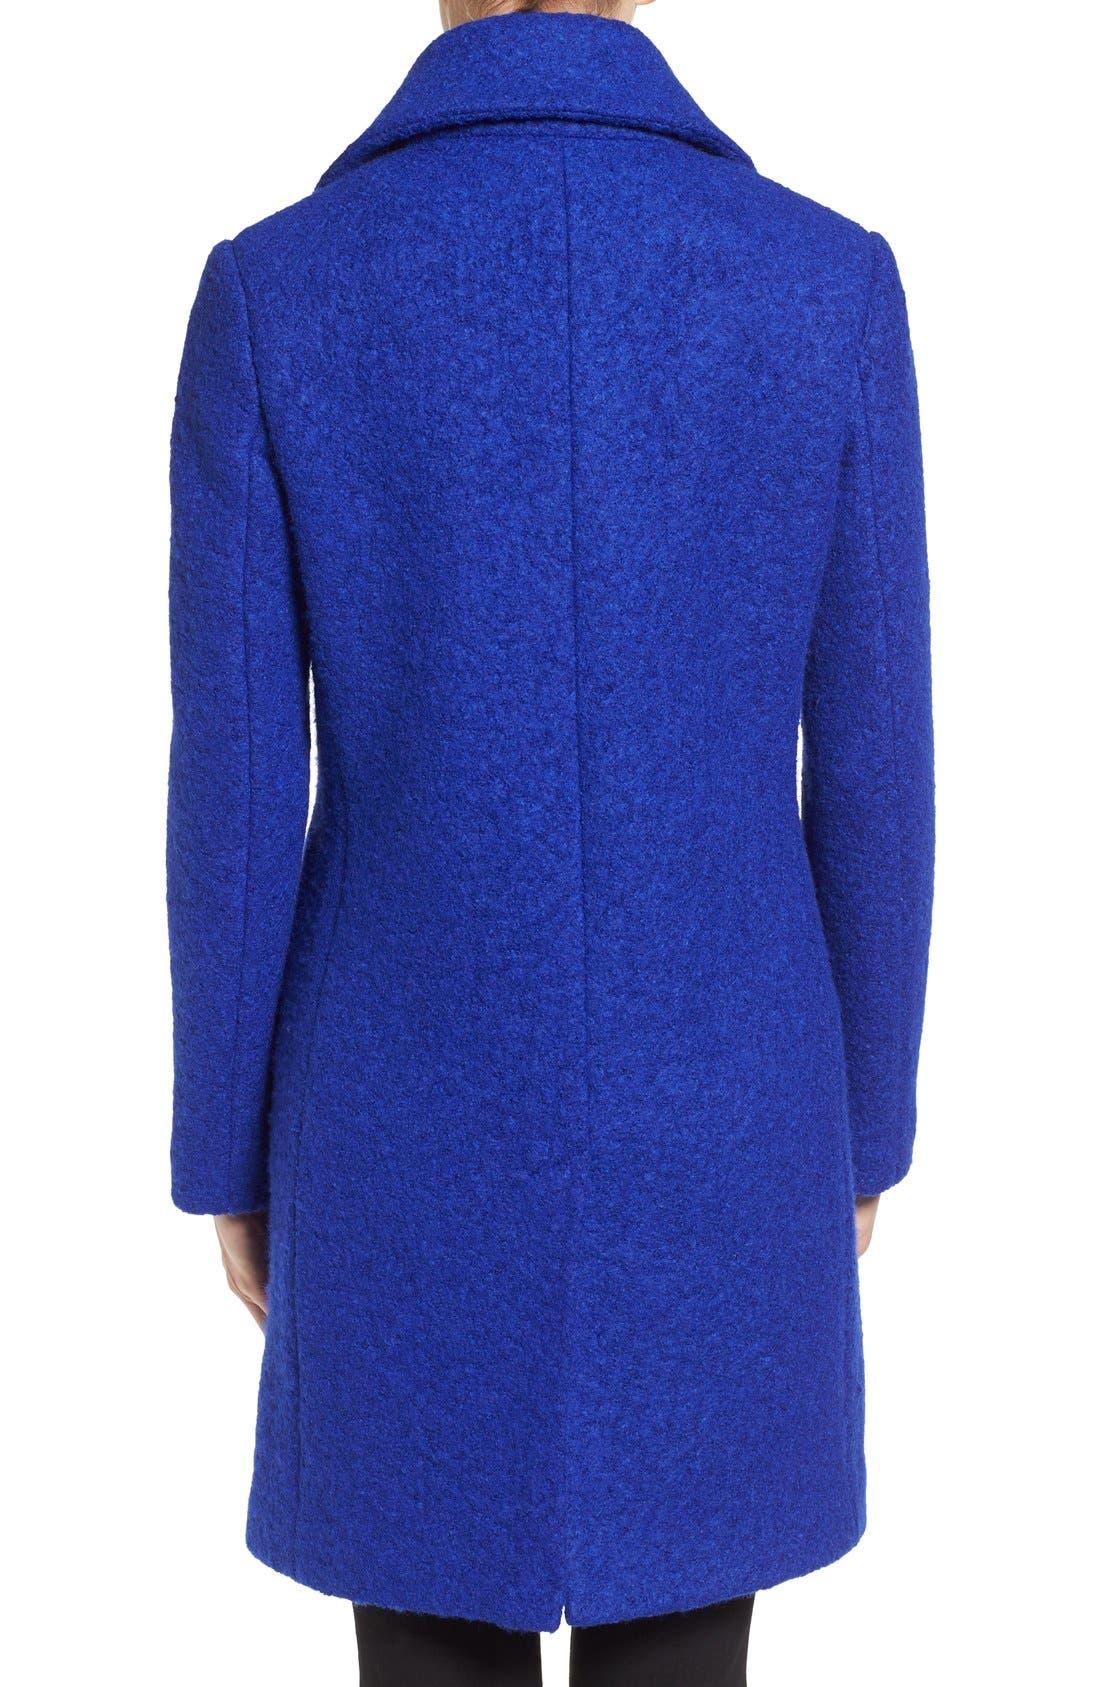 Alternate Image 2  - Tahari 'Tessa' Boiled Wool Blend Coat